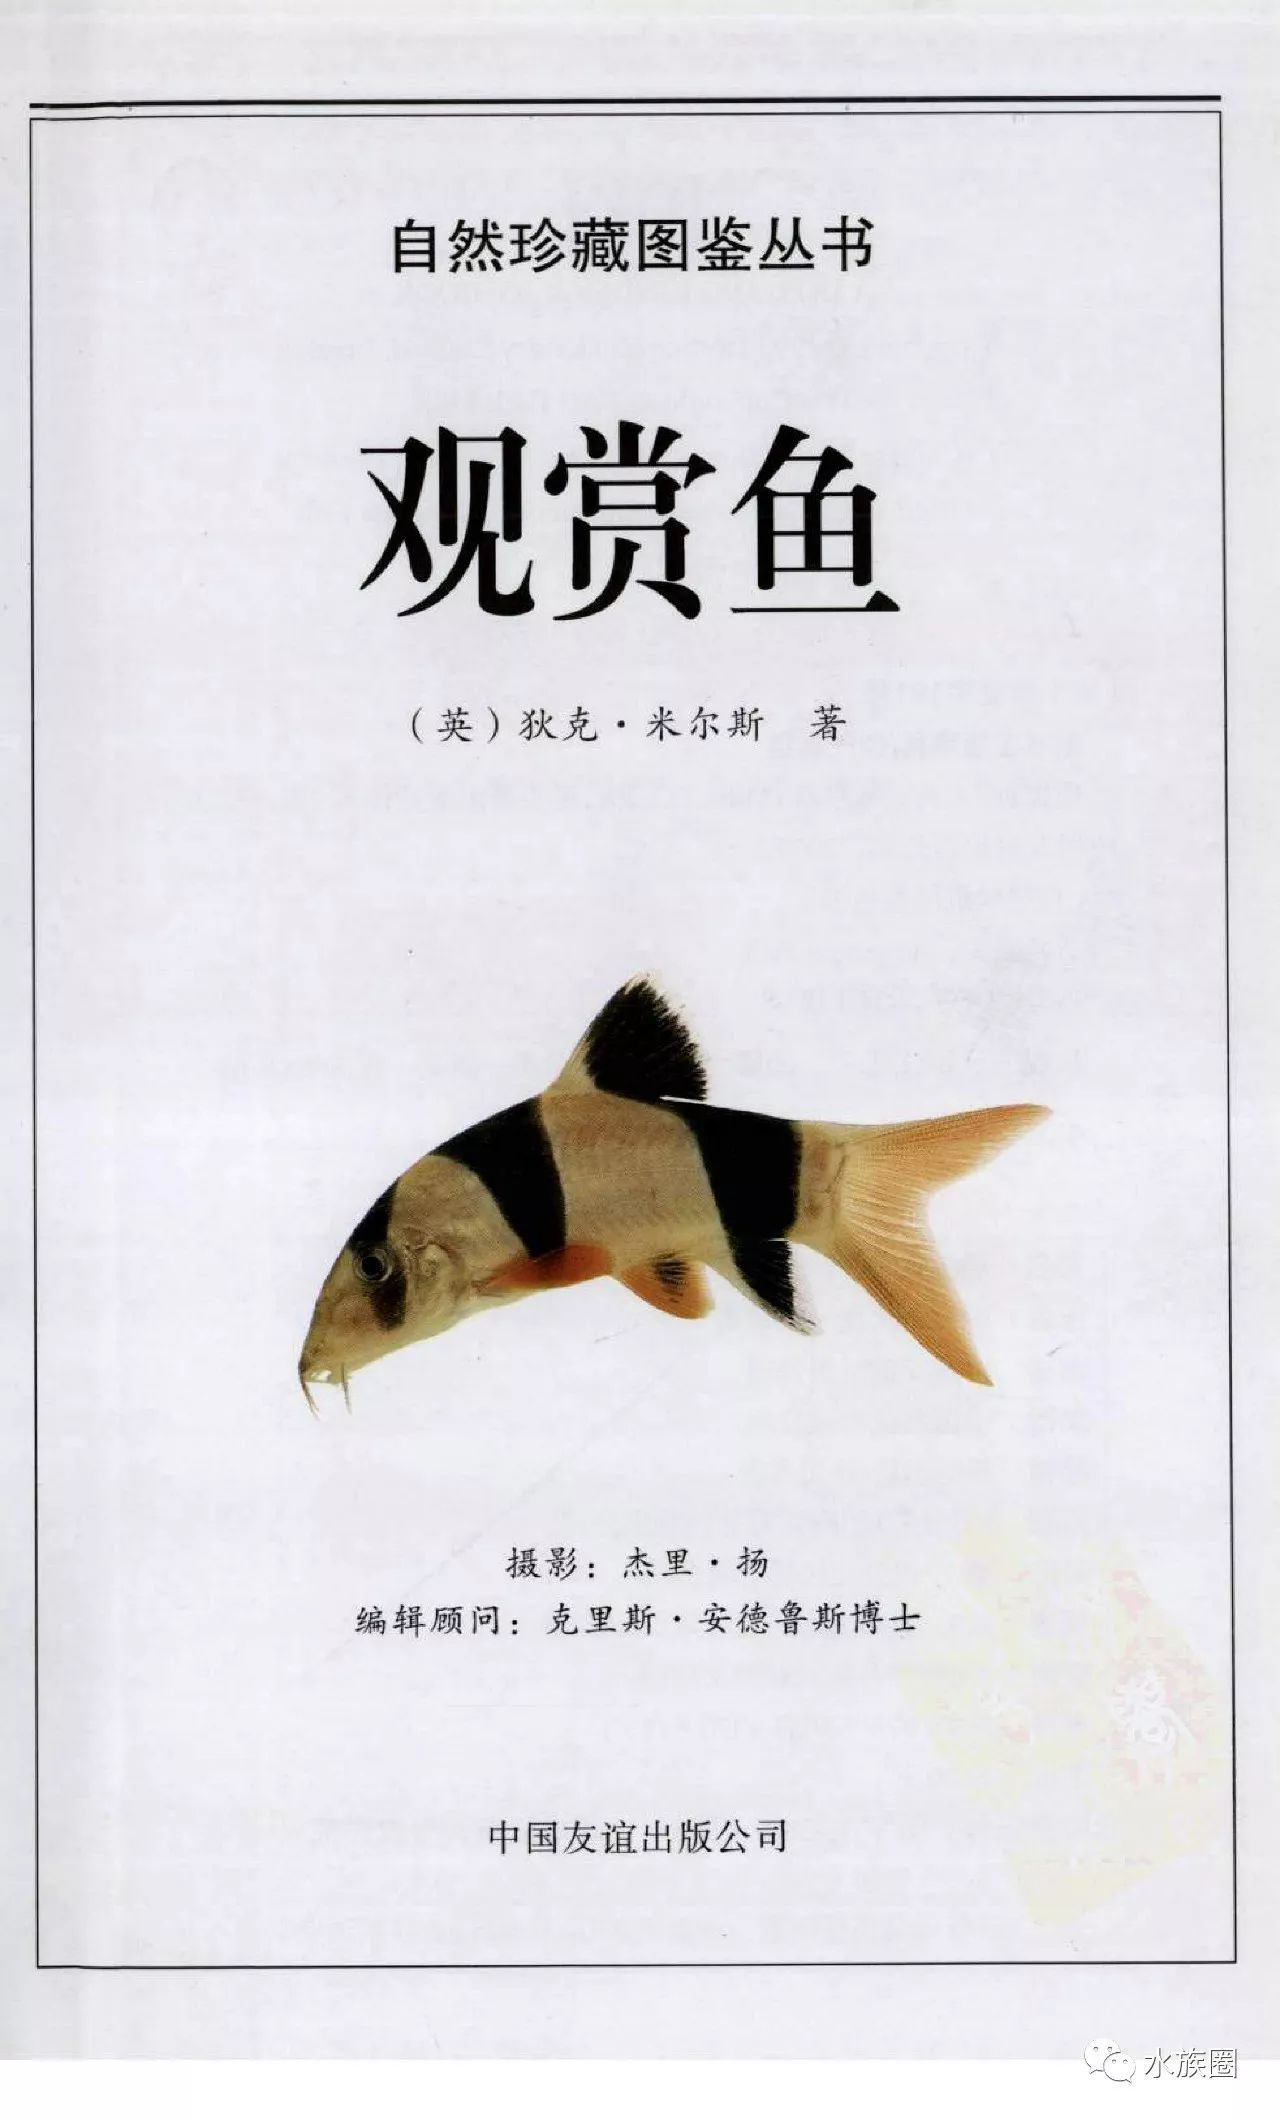 觀賞魚:全世界500多種觀賞魚的彩色圖鑒